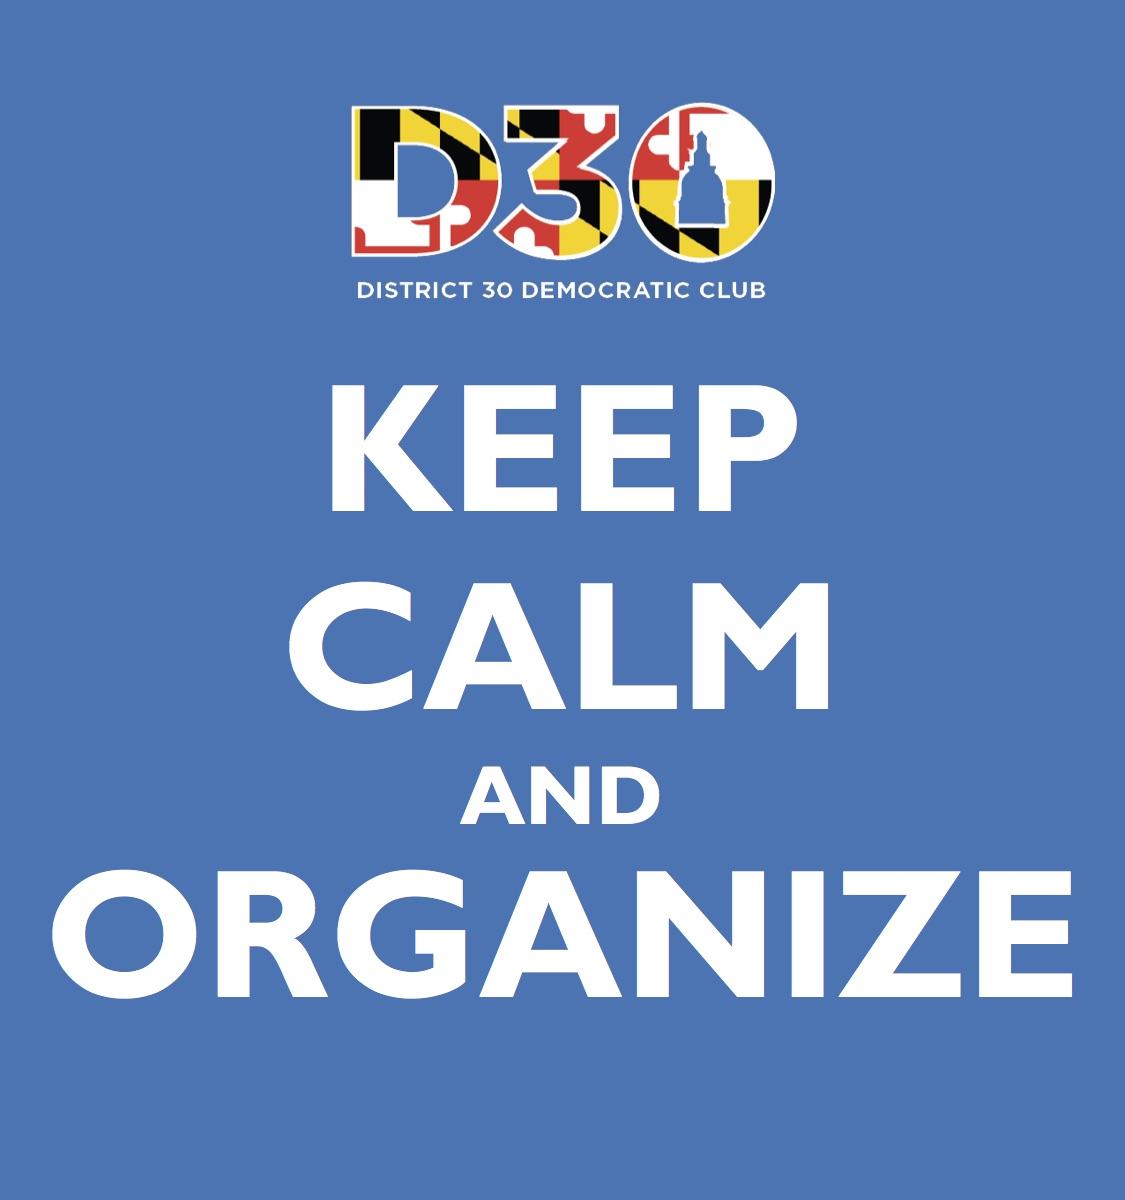 Keep_calm.2.jpg